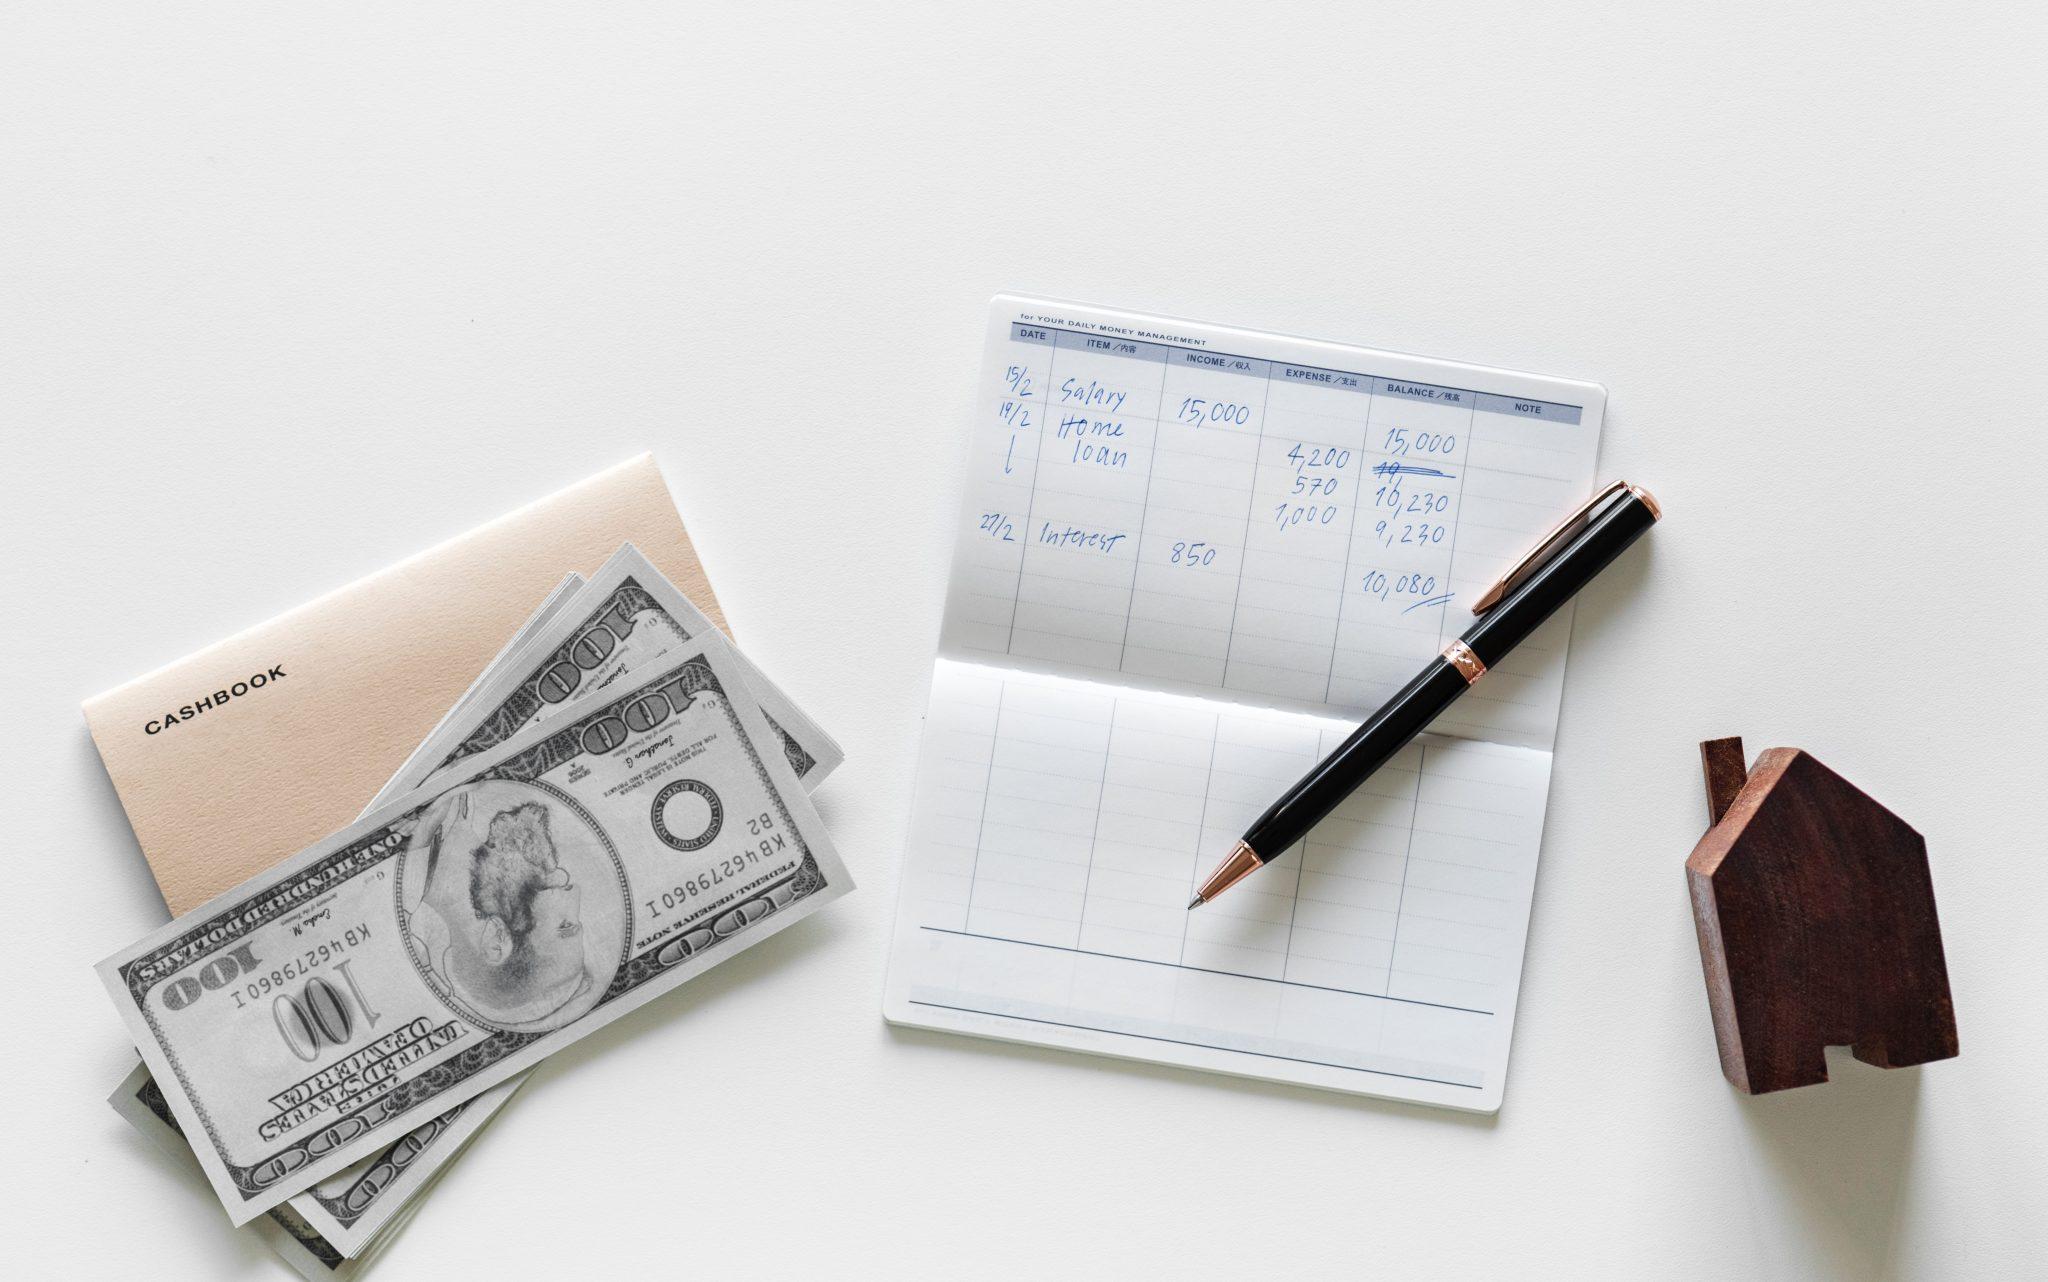 Przestań martwić się o domowy budżet, czyli kilka ciekawych sposobów na oszczędności.